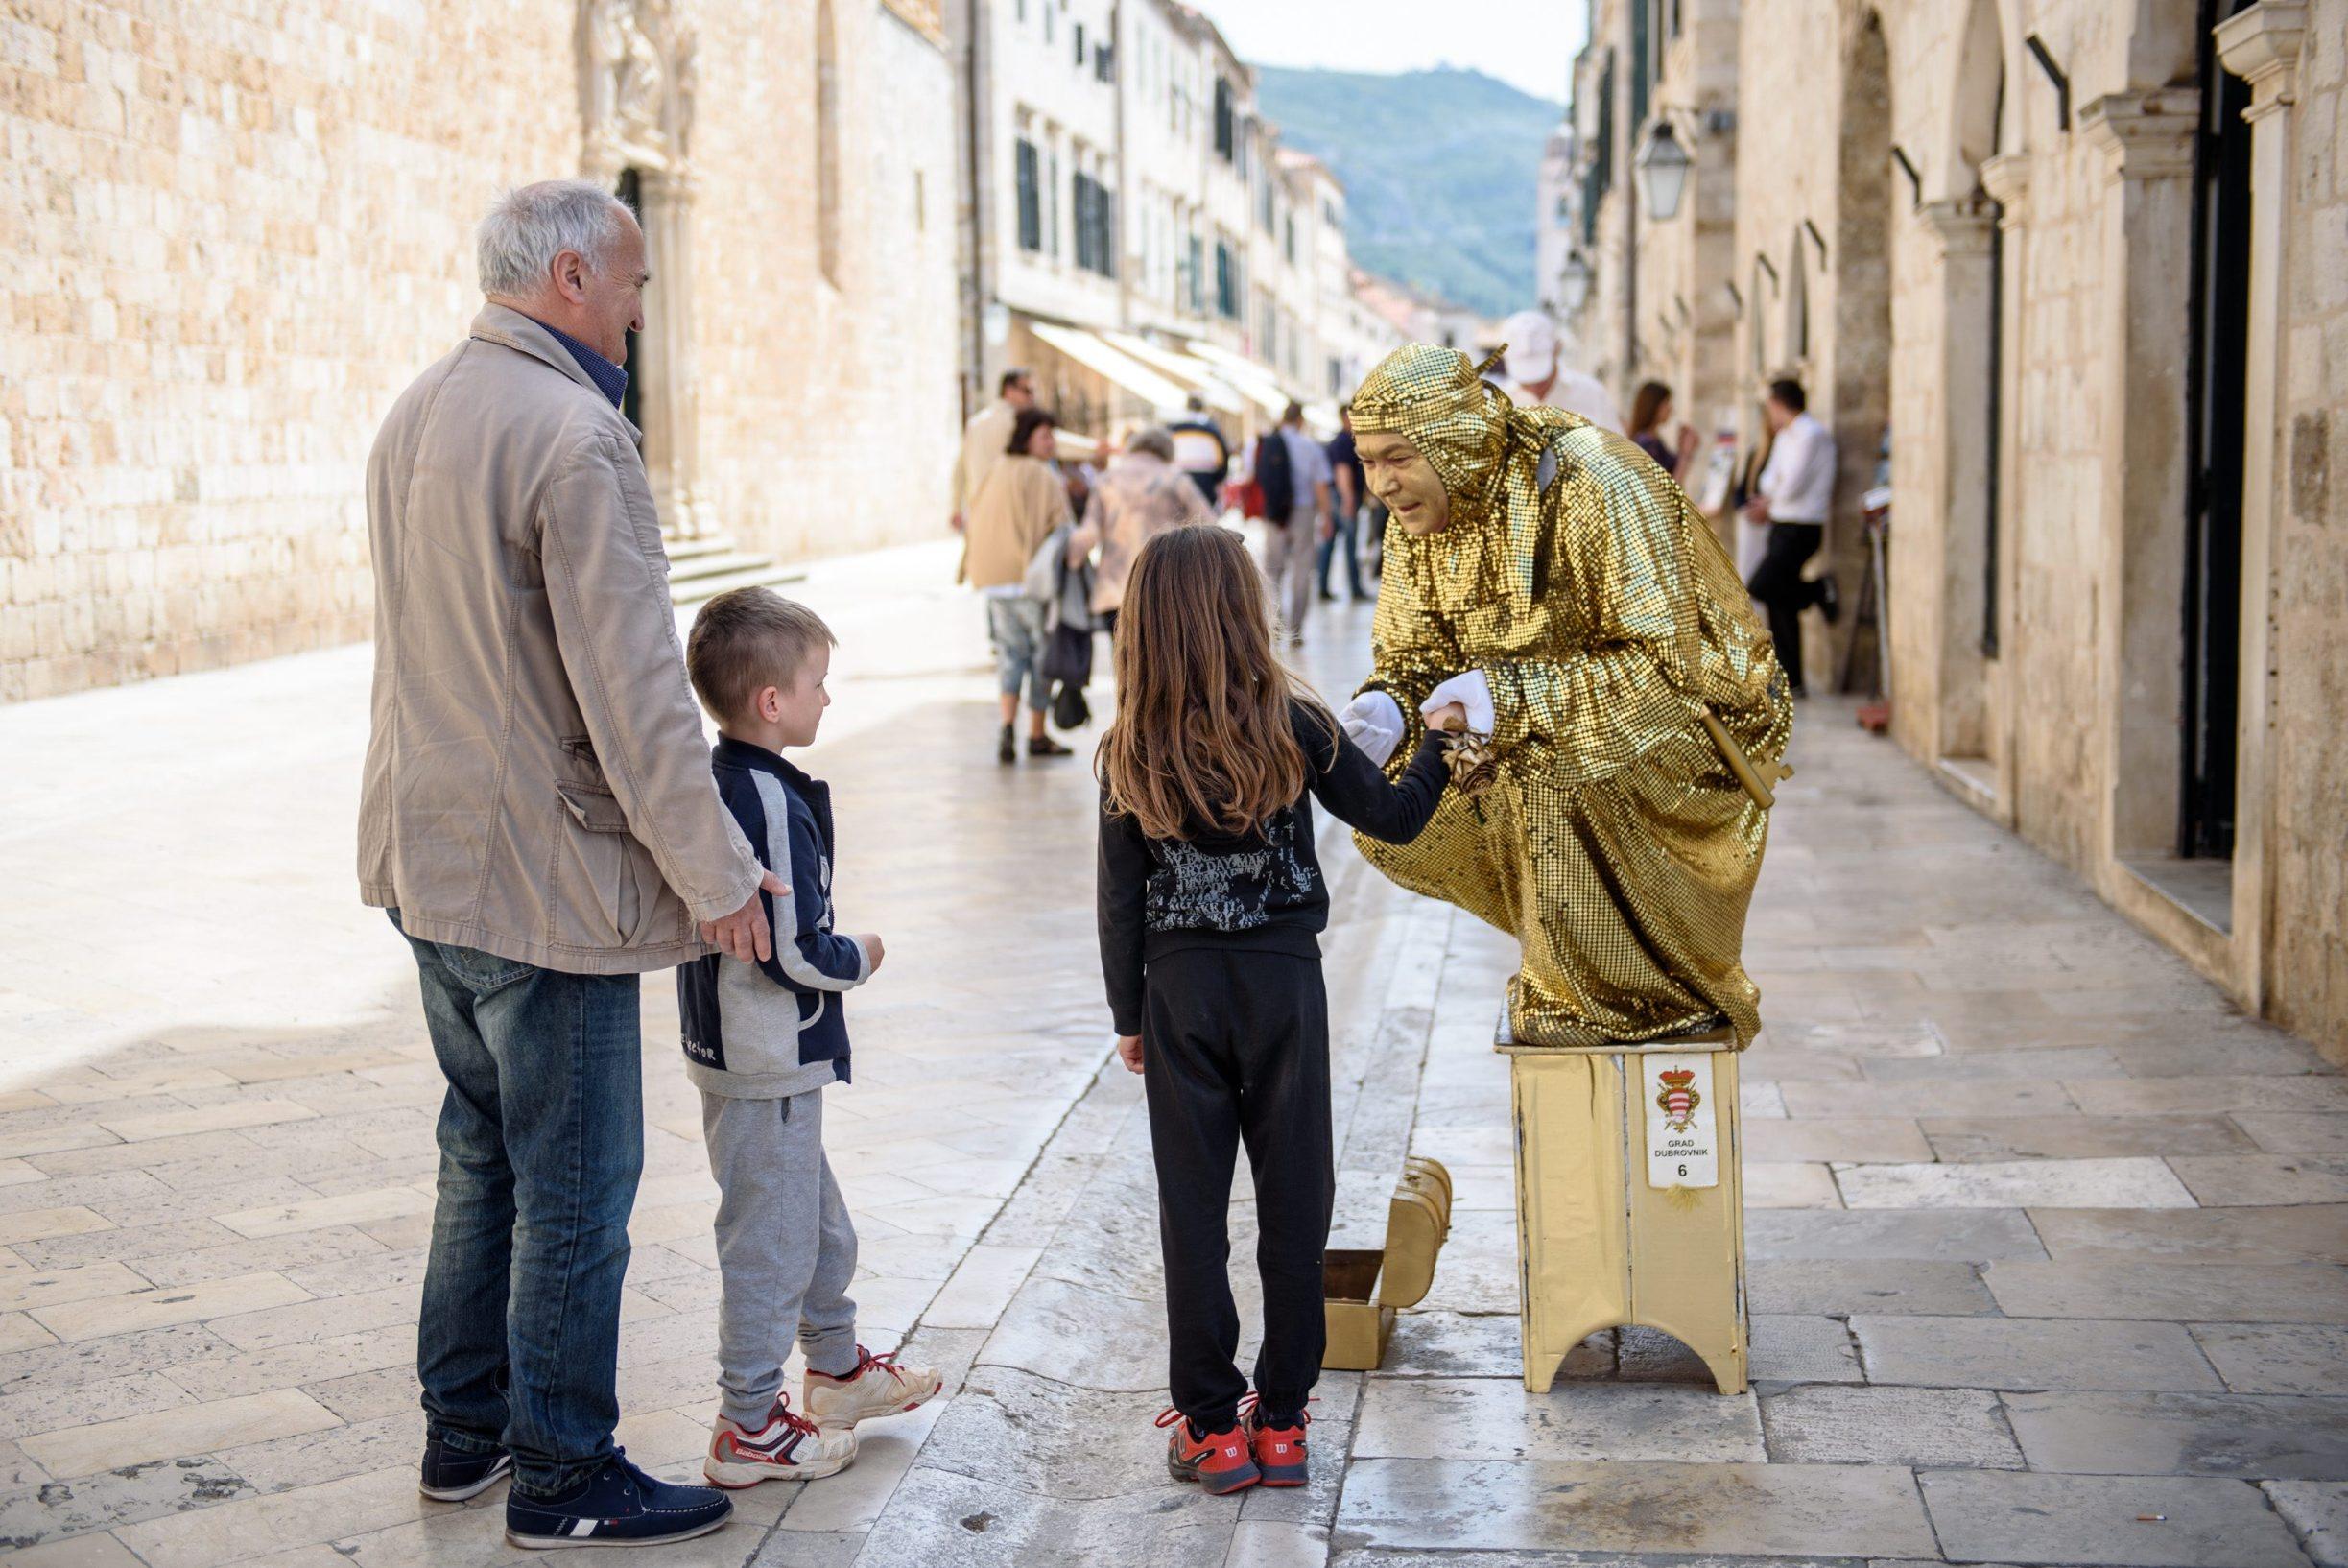 Dubrovnik, 180416. Kvaliteta turisticke predsezone u odnosu na proslu godinu. Na fotografiji: Drago Petrovic. Foto: Tonci Plazibat / CROPIX